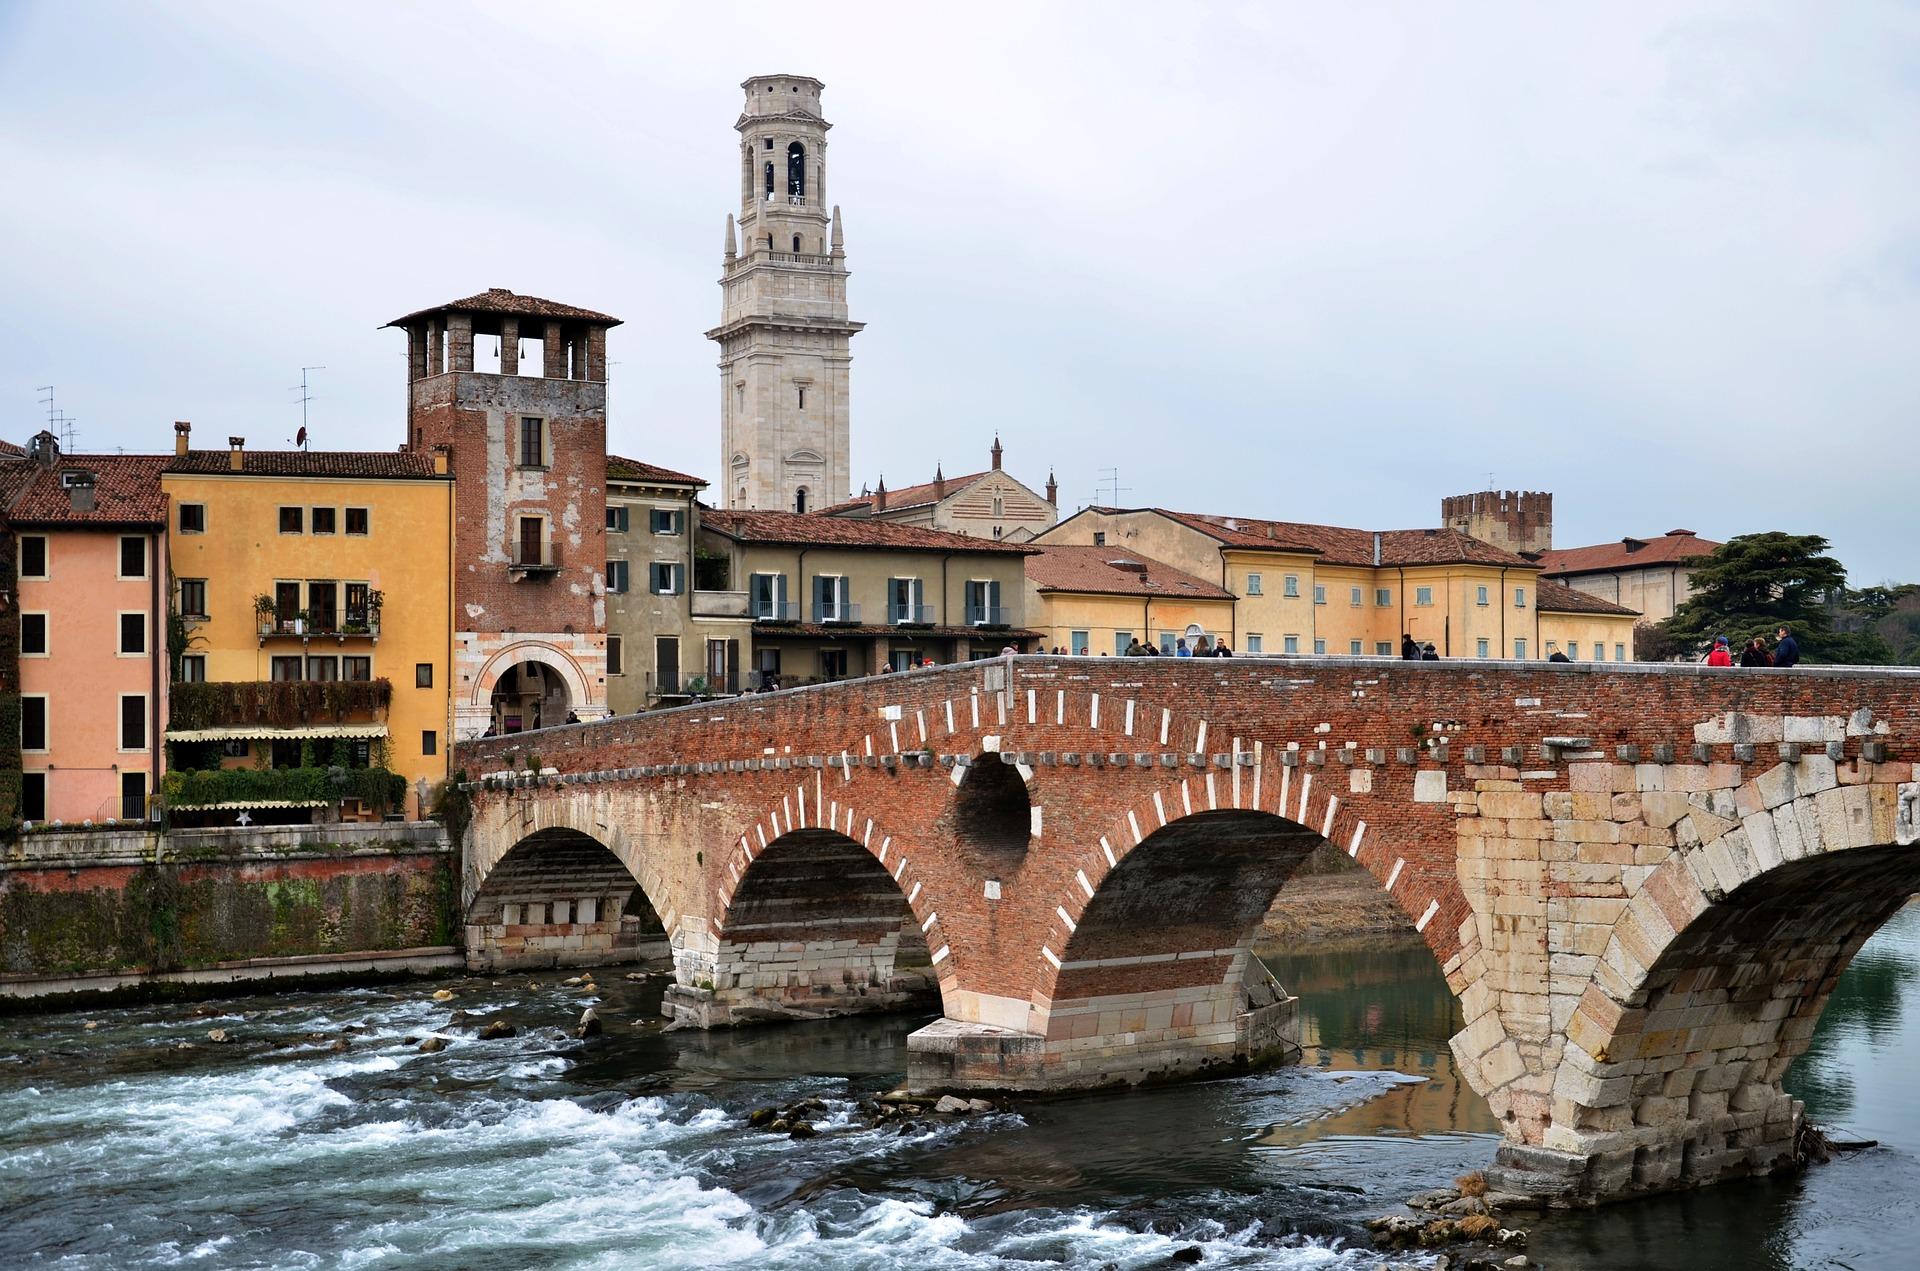 Le migliori città italiane per gli innamorati